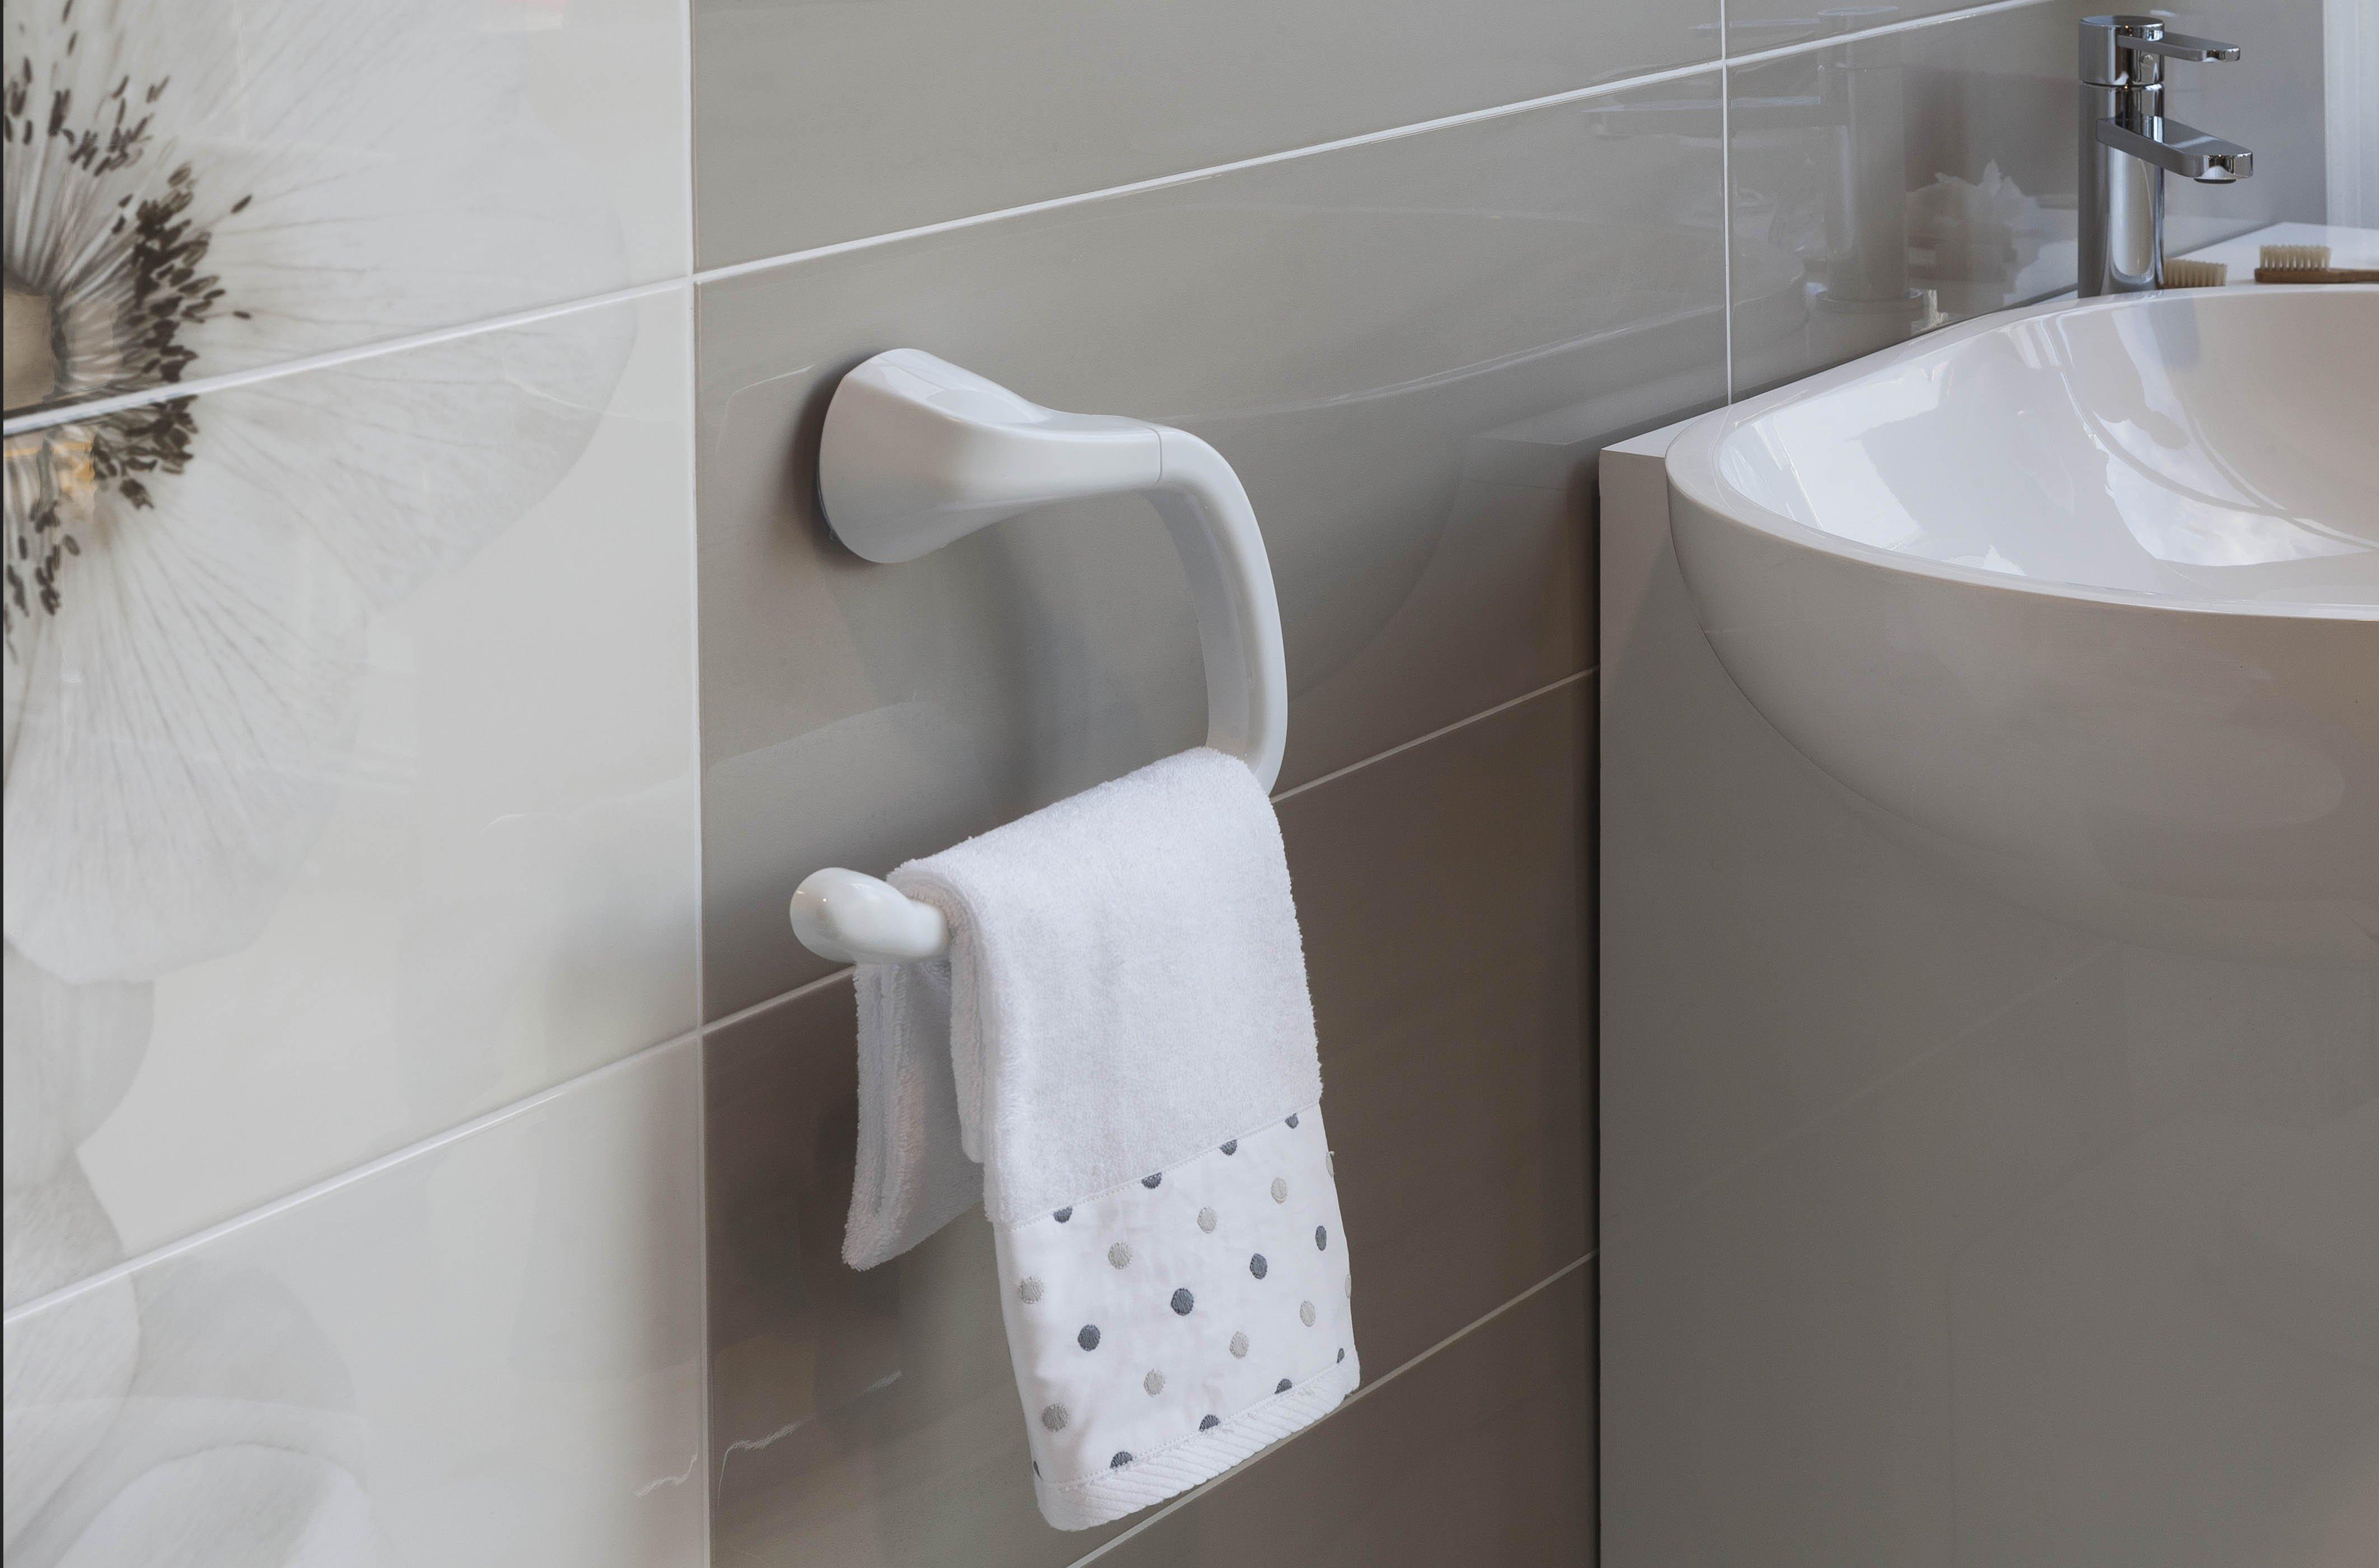 In bagno accessori senza viti e tasselli cose di casa - Accessori x il bagno ...